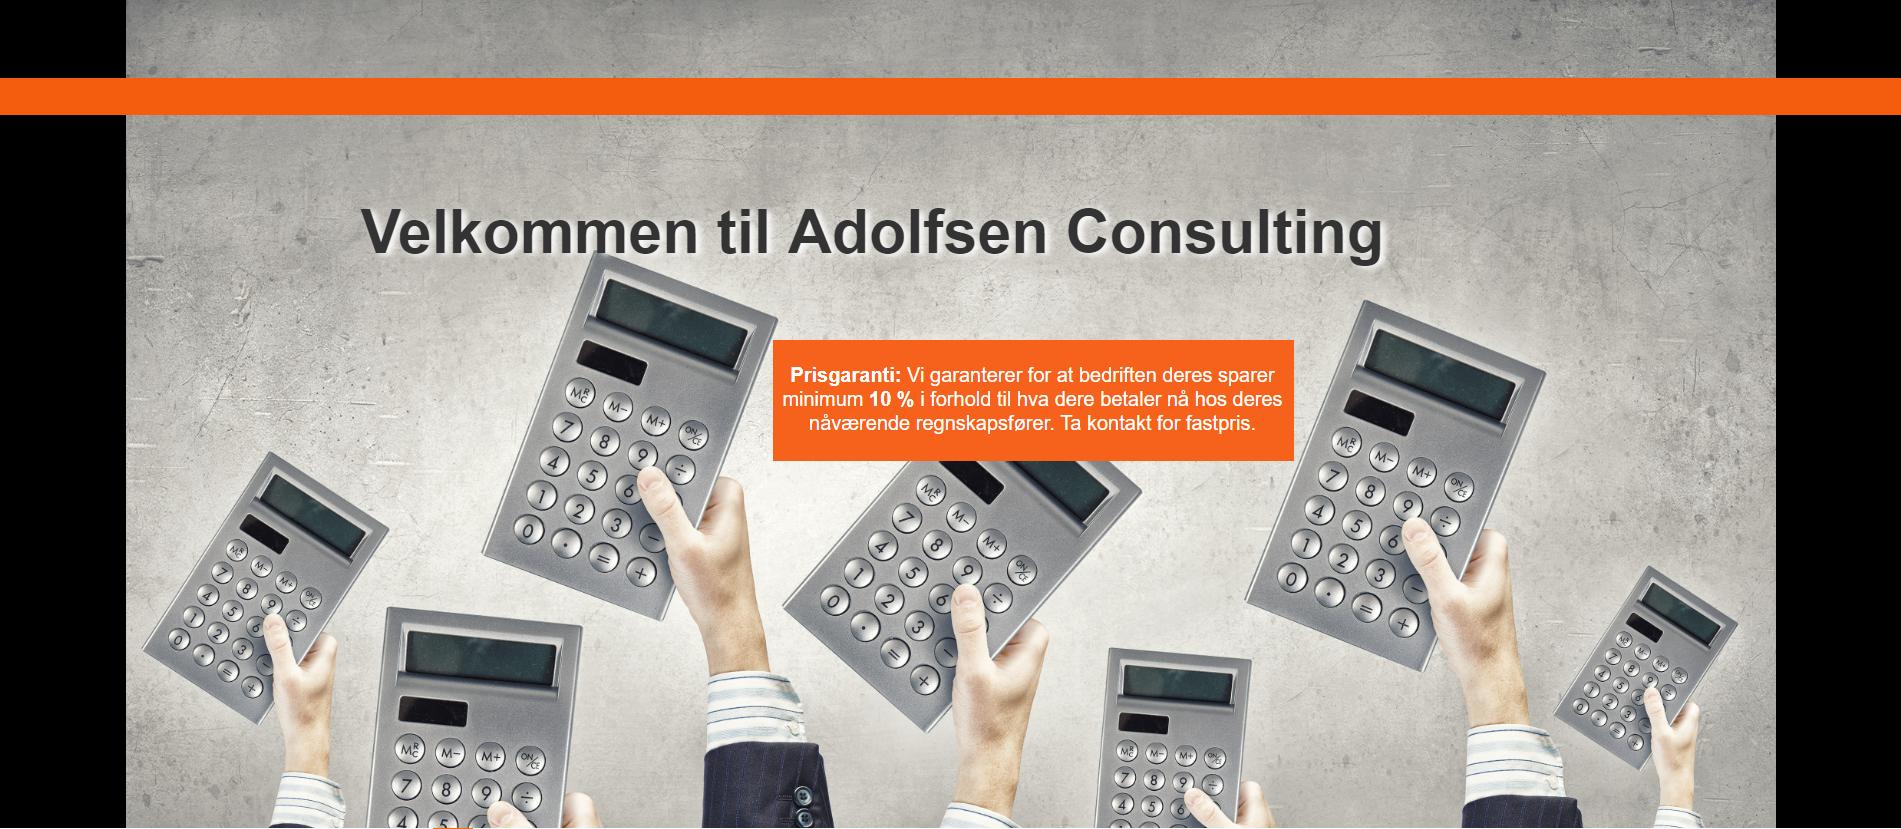 Adolfsen Consulting